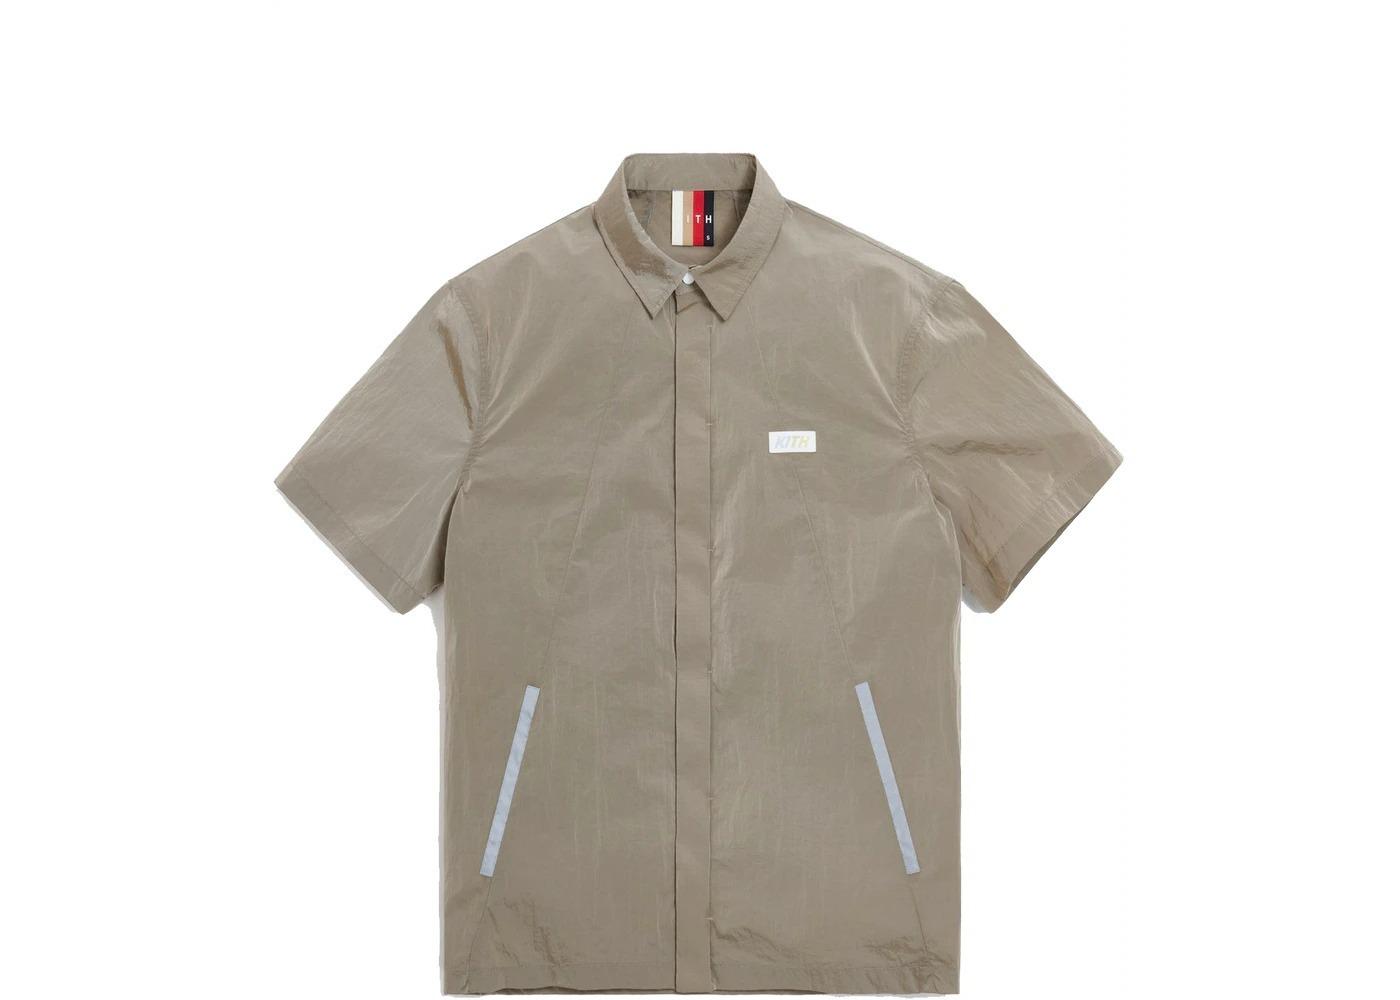 Kith Snap Front Wrinkle Nylon Shirt White Pepper の写真